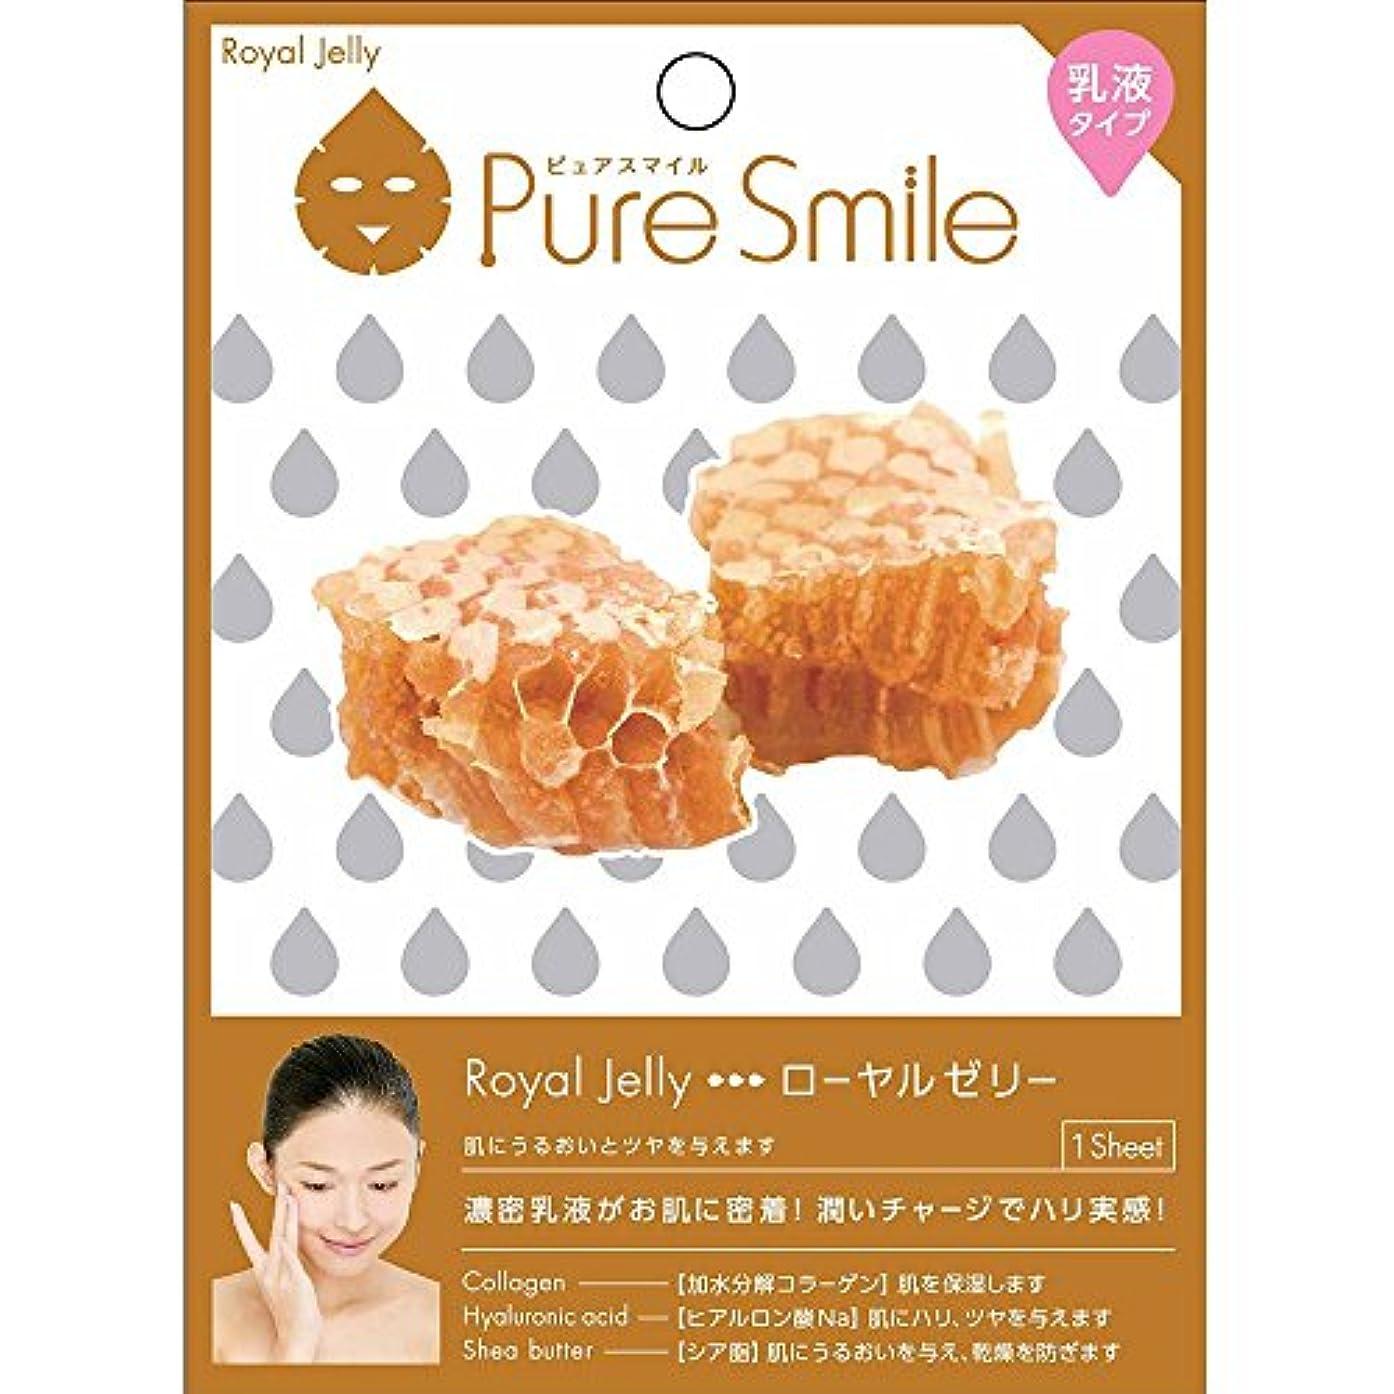 宇宙アセ交差点Pure Smile(ピュアスマイル) 乳液エッセンスマスク 1 枚 ローヤルゼリー